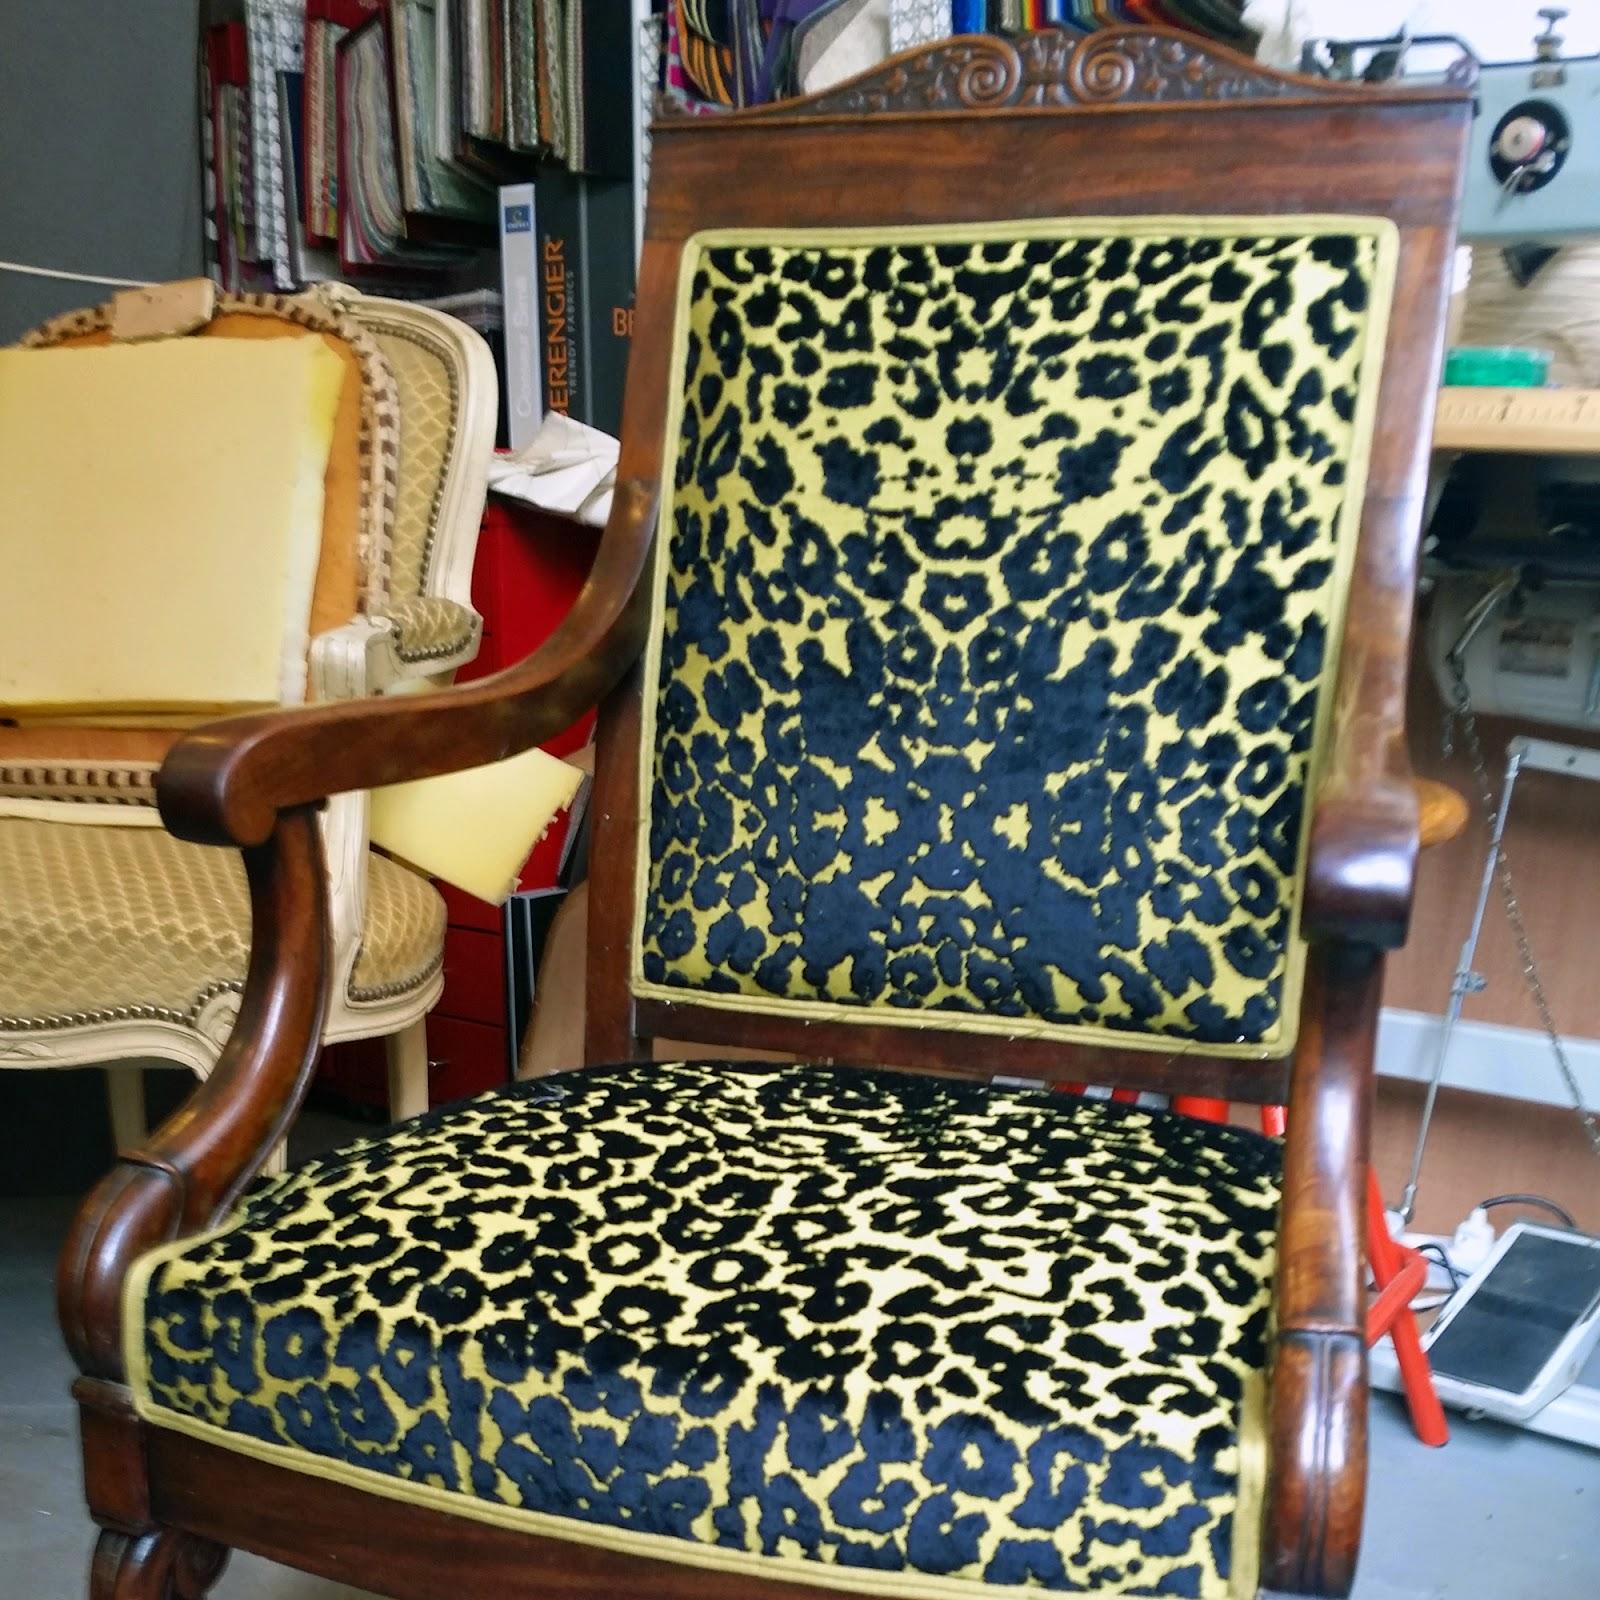 avant aprs fauteuil napolon iii atelier velvet artisan tapissier paris 10e - Fauteuil Napoleon 3